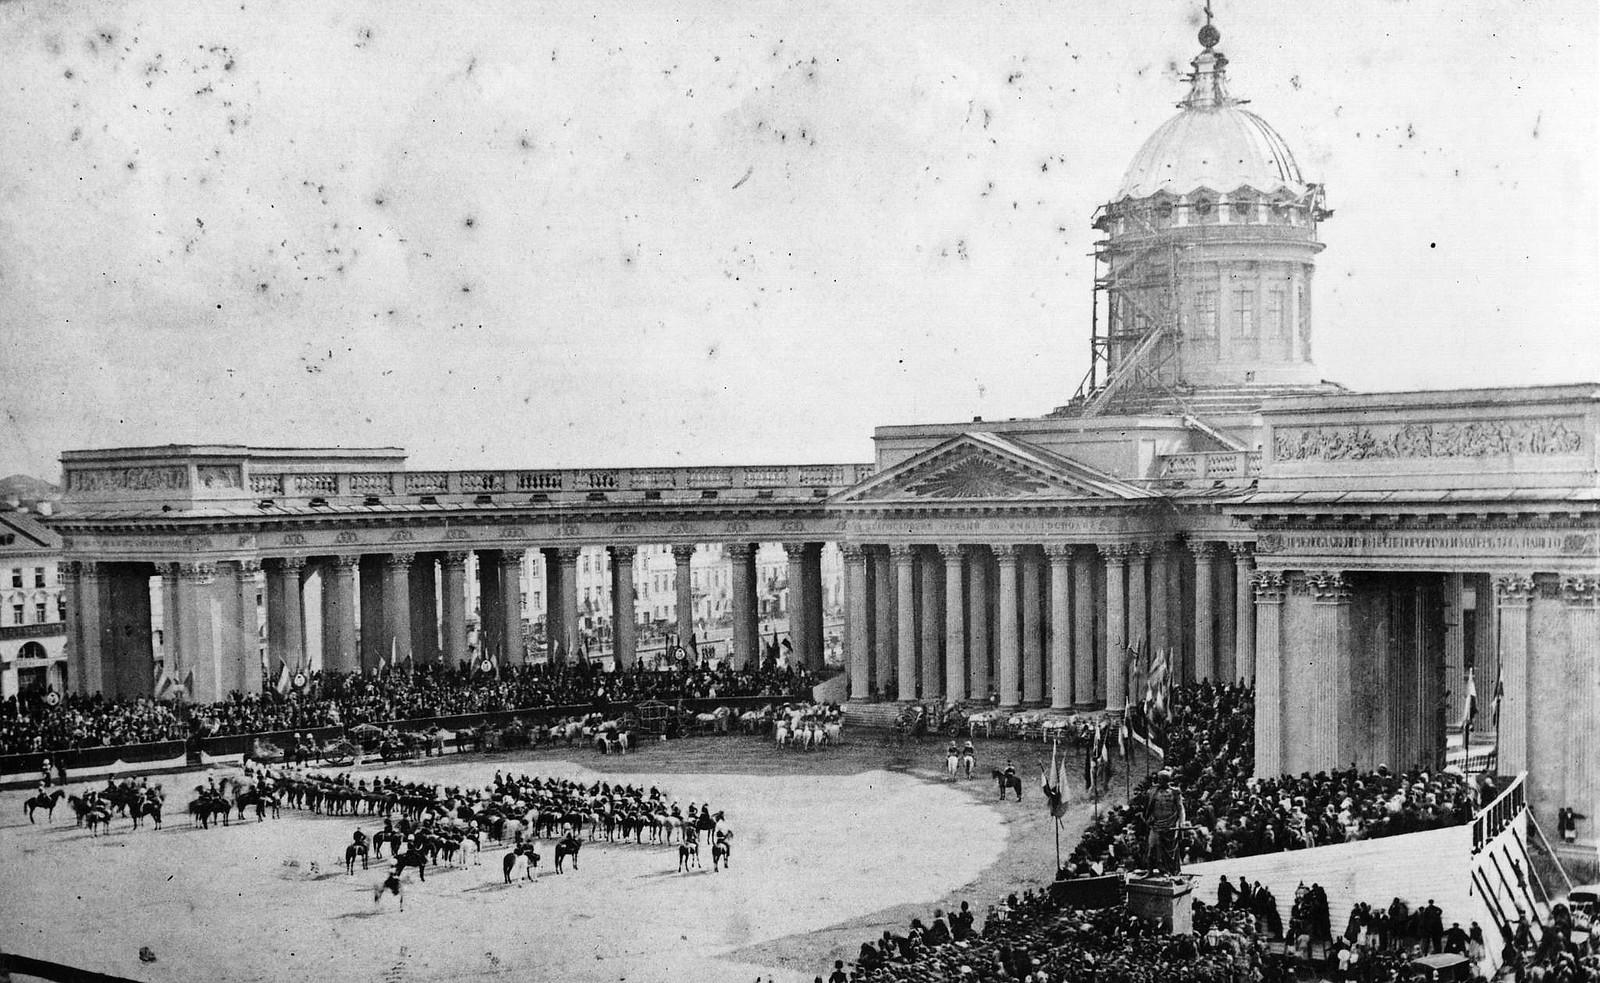 Торжественные мероприятия в Петербурге по случаю встречи немецкой принцессы Марии Мекленбург-Шверинской. 1874